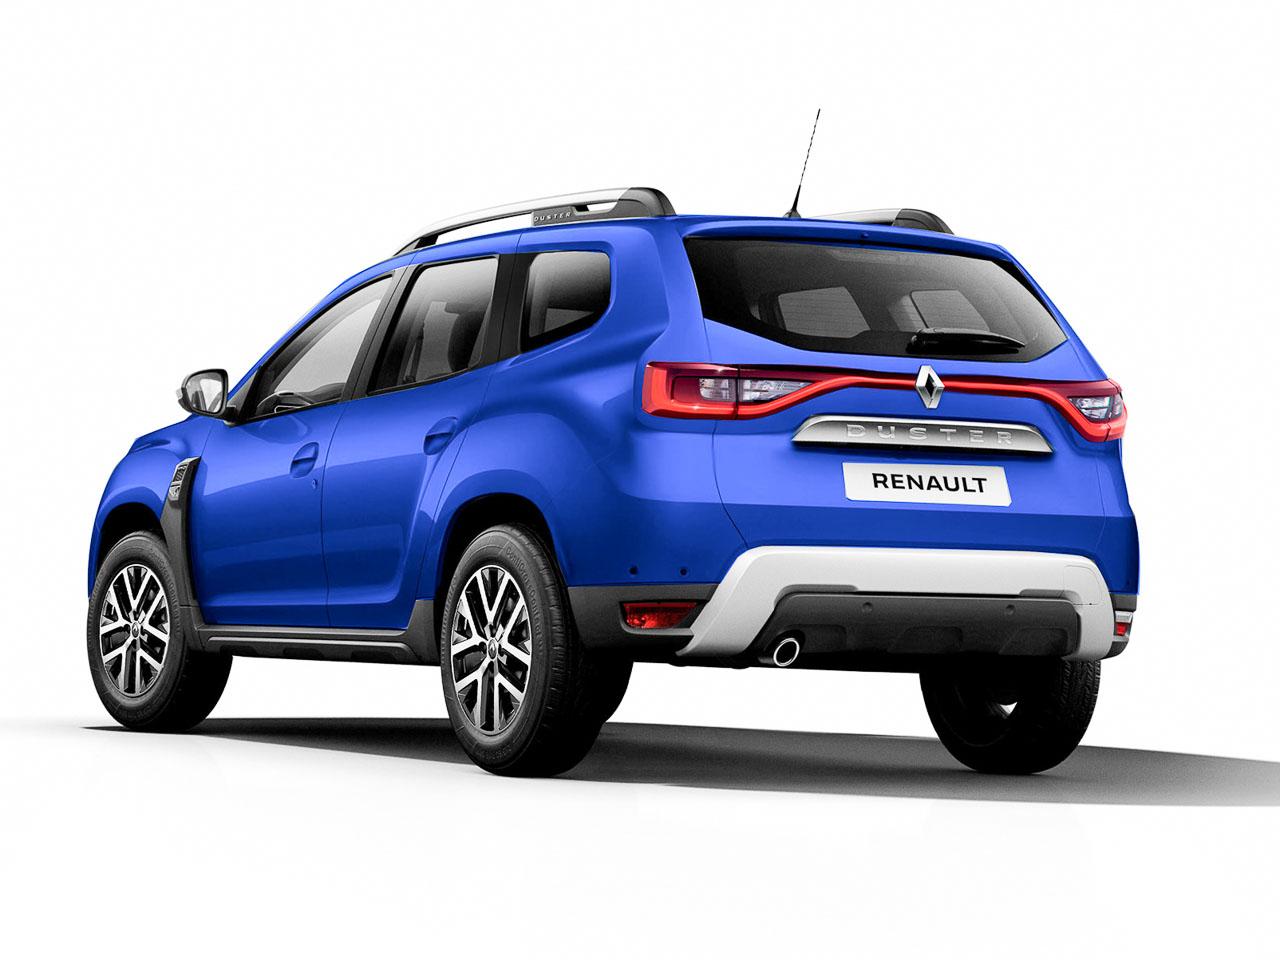 2021 Renault Duster Render